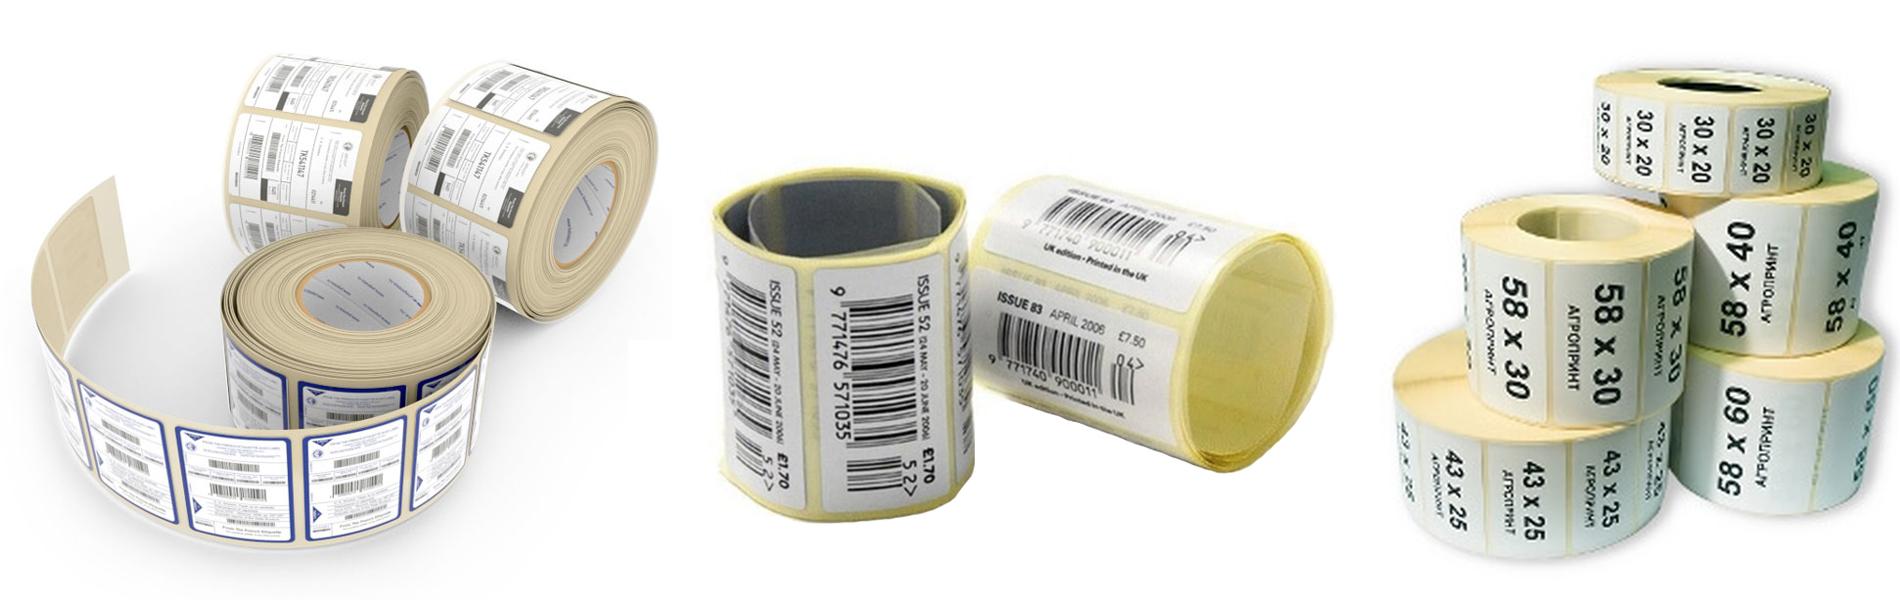 П6ечать этикеток (стикеров) для товаров | Etichete.eu